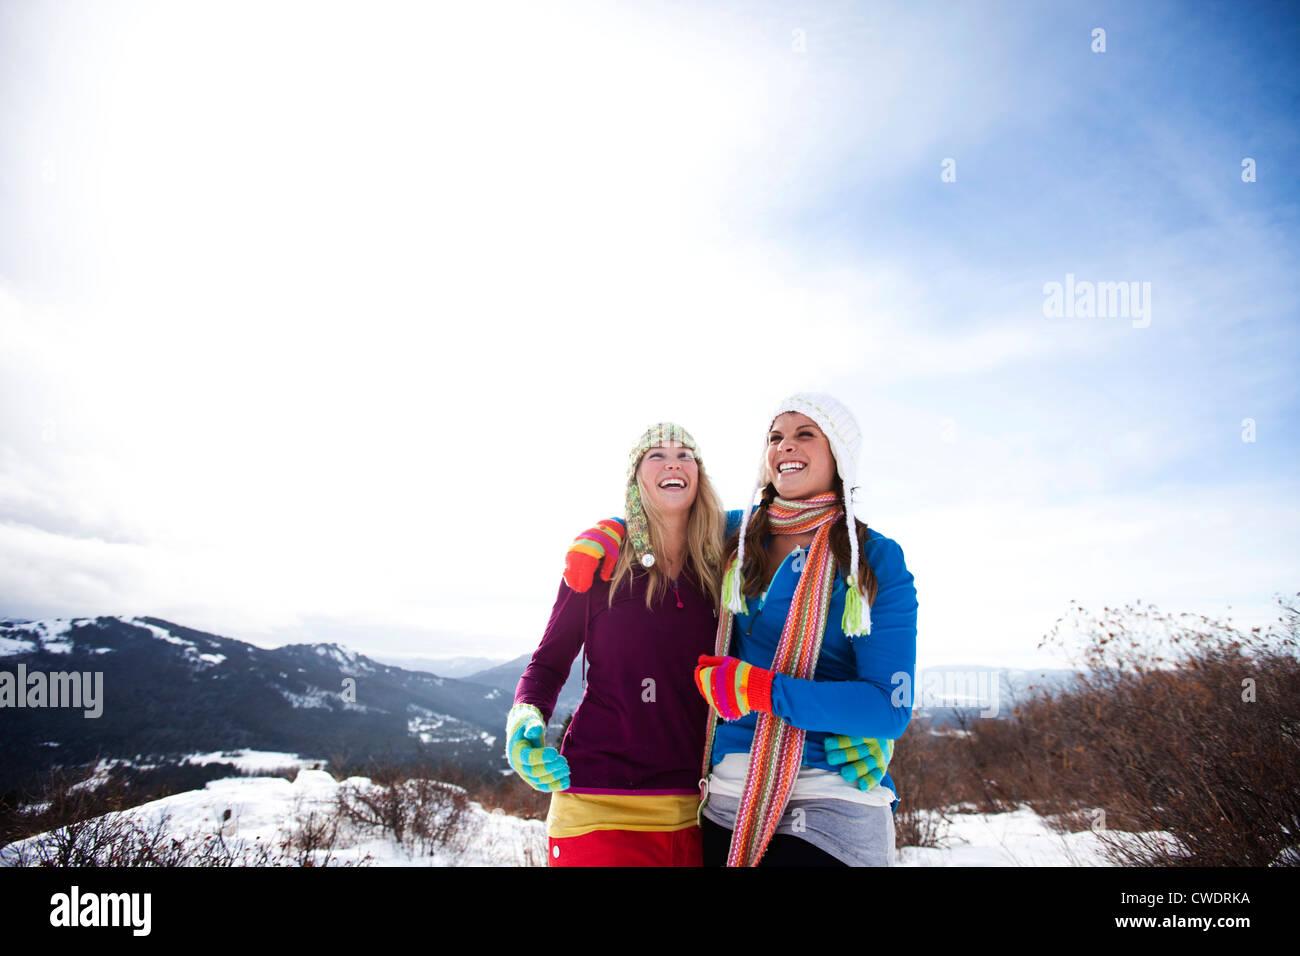 Deux jeunes femmes rire et sourire pendant la randonnée dans la neige sur une belle journée d'hiver Photo Stock